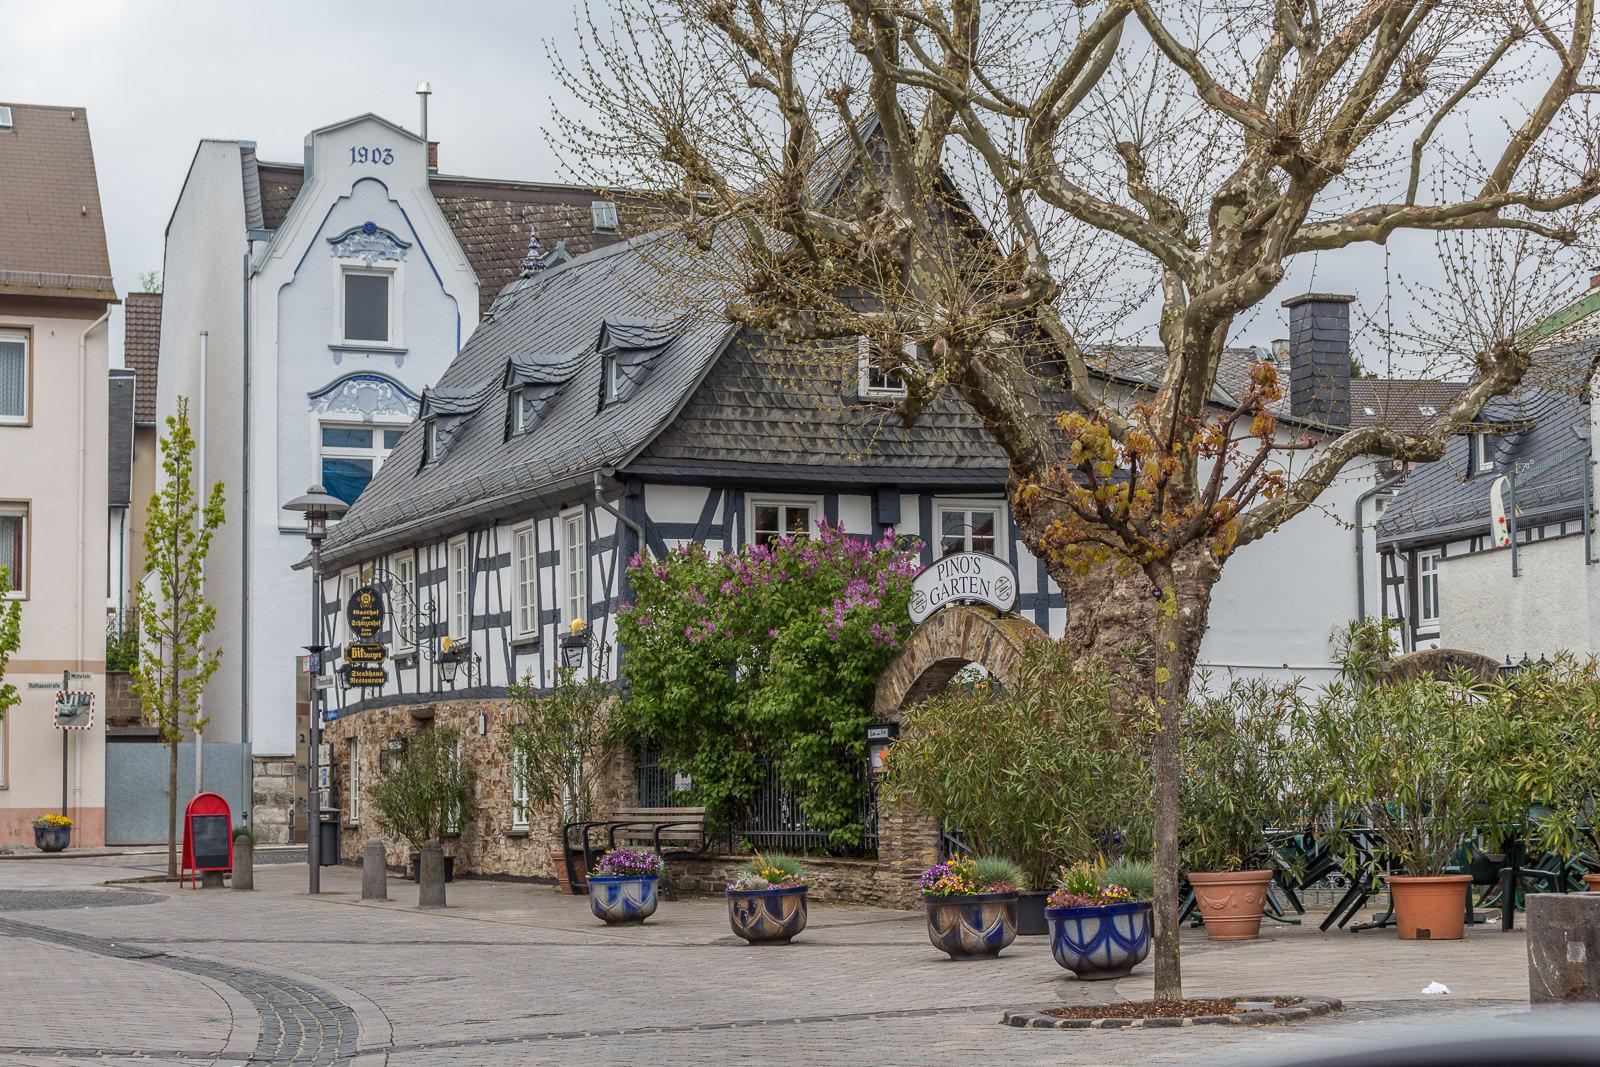 kannenbäckerland, #visitkeramik, Höhr-Grenzhausen, #RLPerleben, Ton, Keramik, Keramikkunst, Künstler, Manufaktur, Pino, restaurant